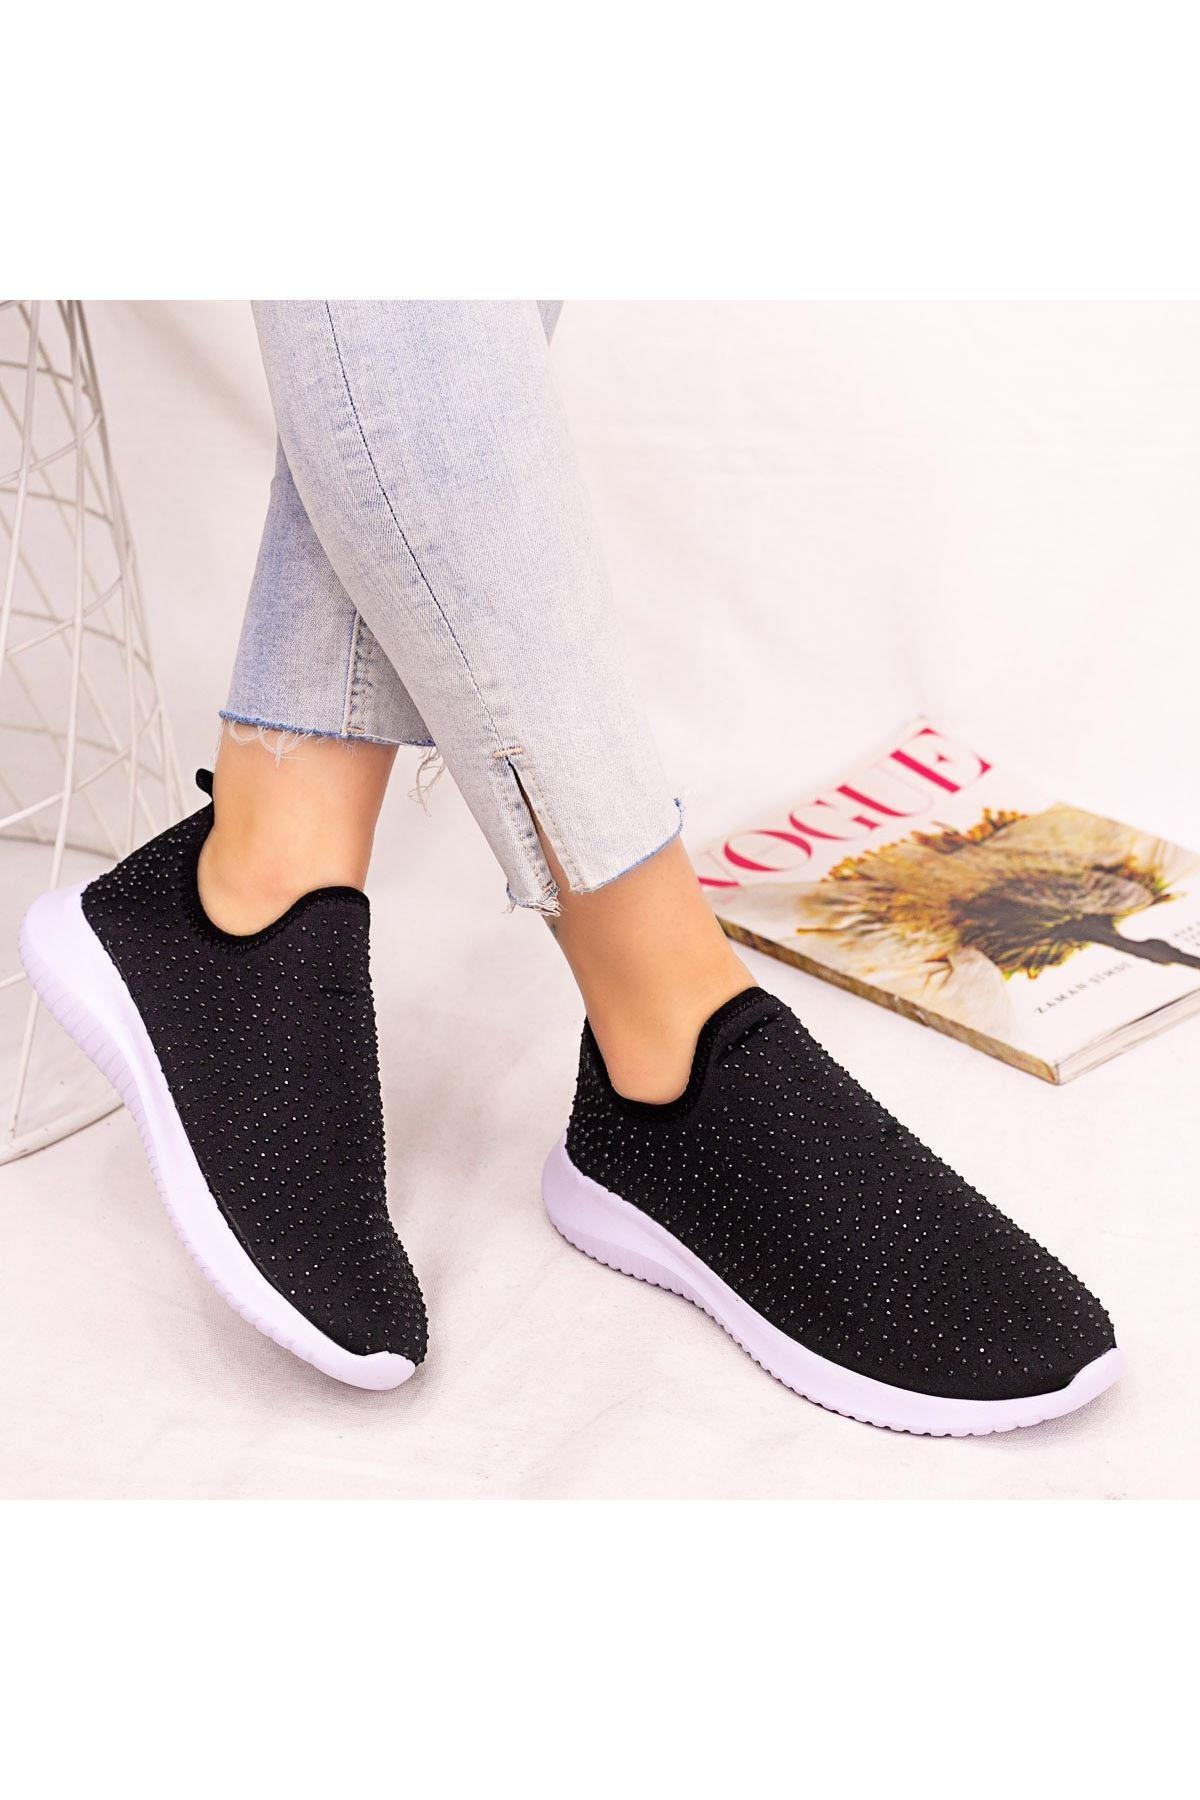 Stin Siyah Boncuk İşlemeli Beyaz Tabanlı Spor Ayakkabı